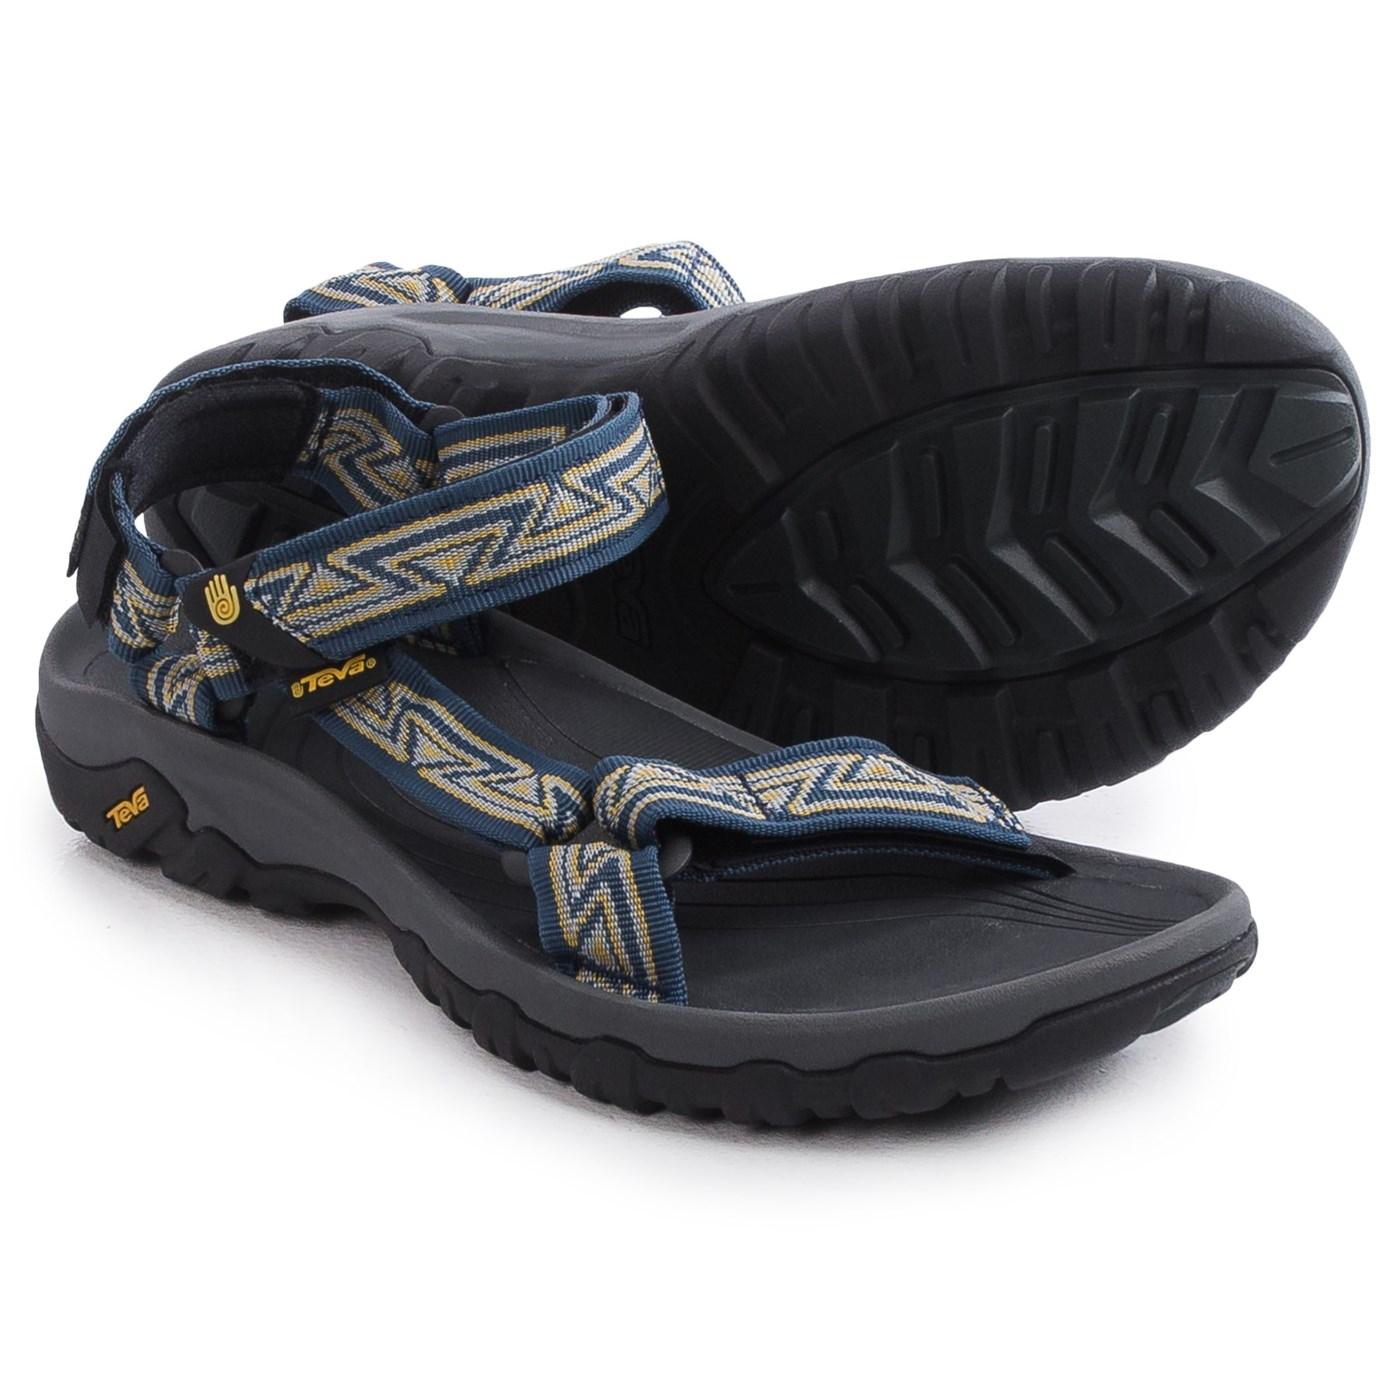 373c1a67a64882 Teva Hurricane XLT Sport Sandals (For Men) 50 on PopScreen